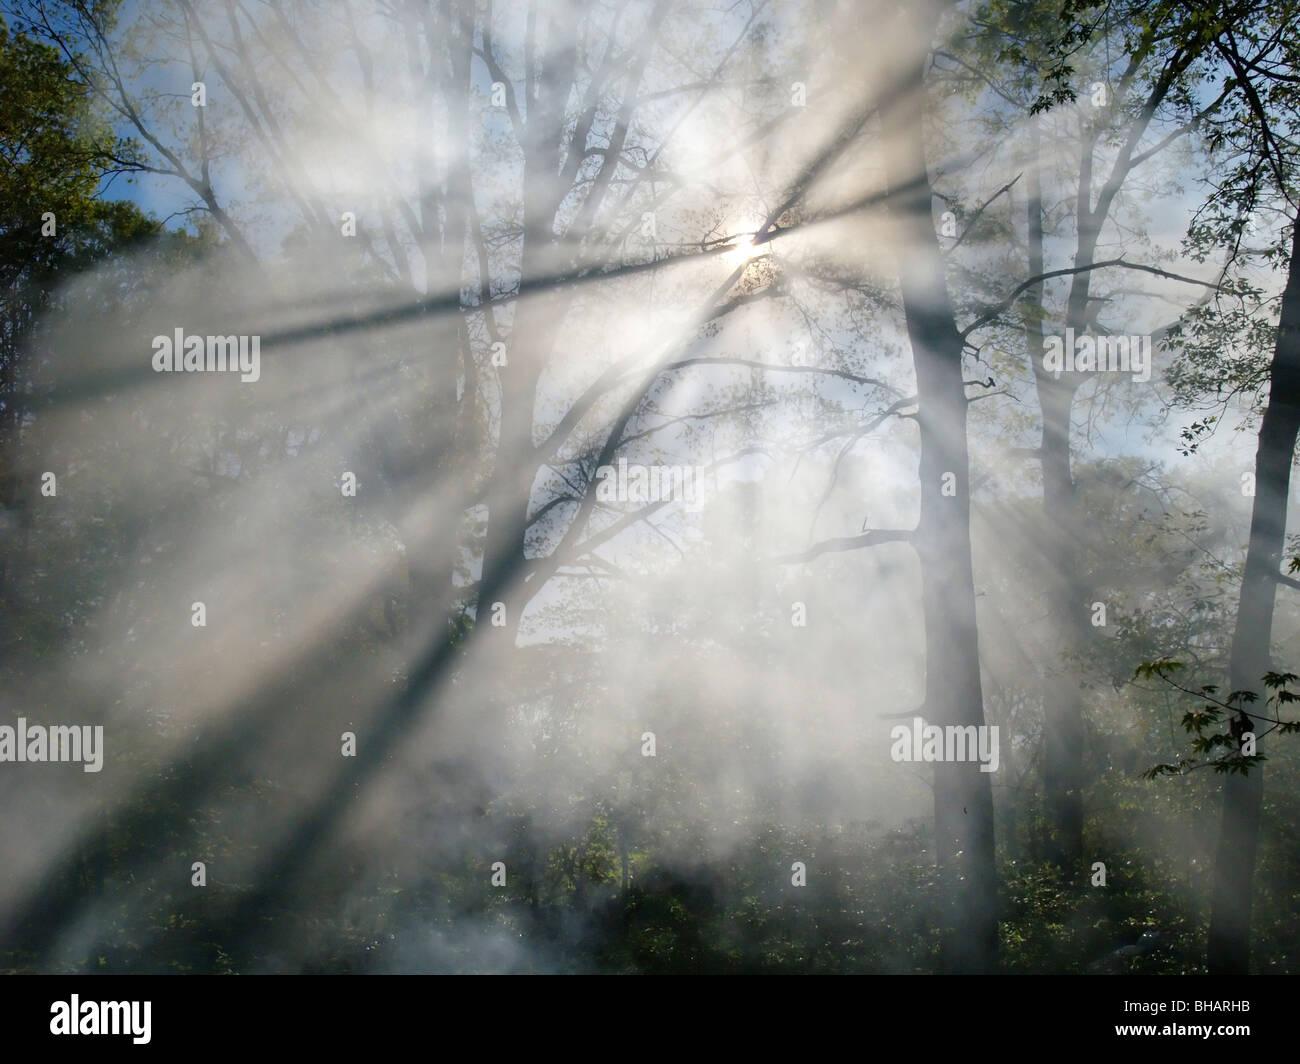 Rauch von einem Waldbrand steigt durch die Bäume in einem Wald. Sonnenlicht filtert durch den Dunst. Stockfoto